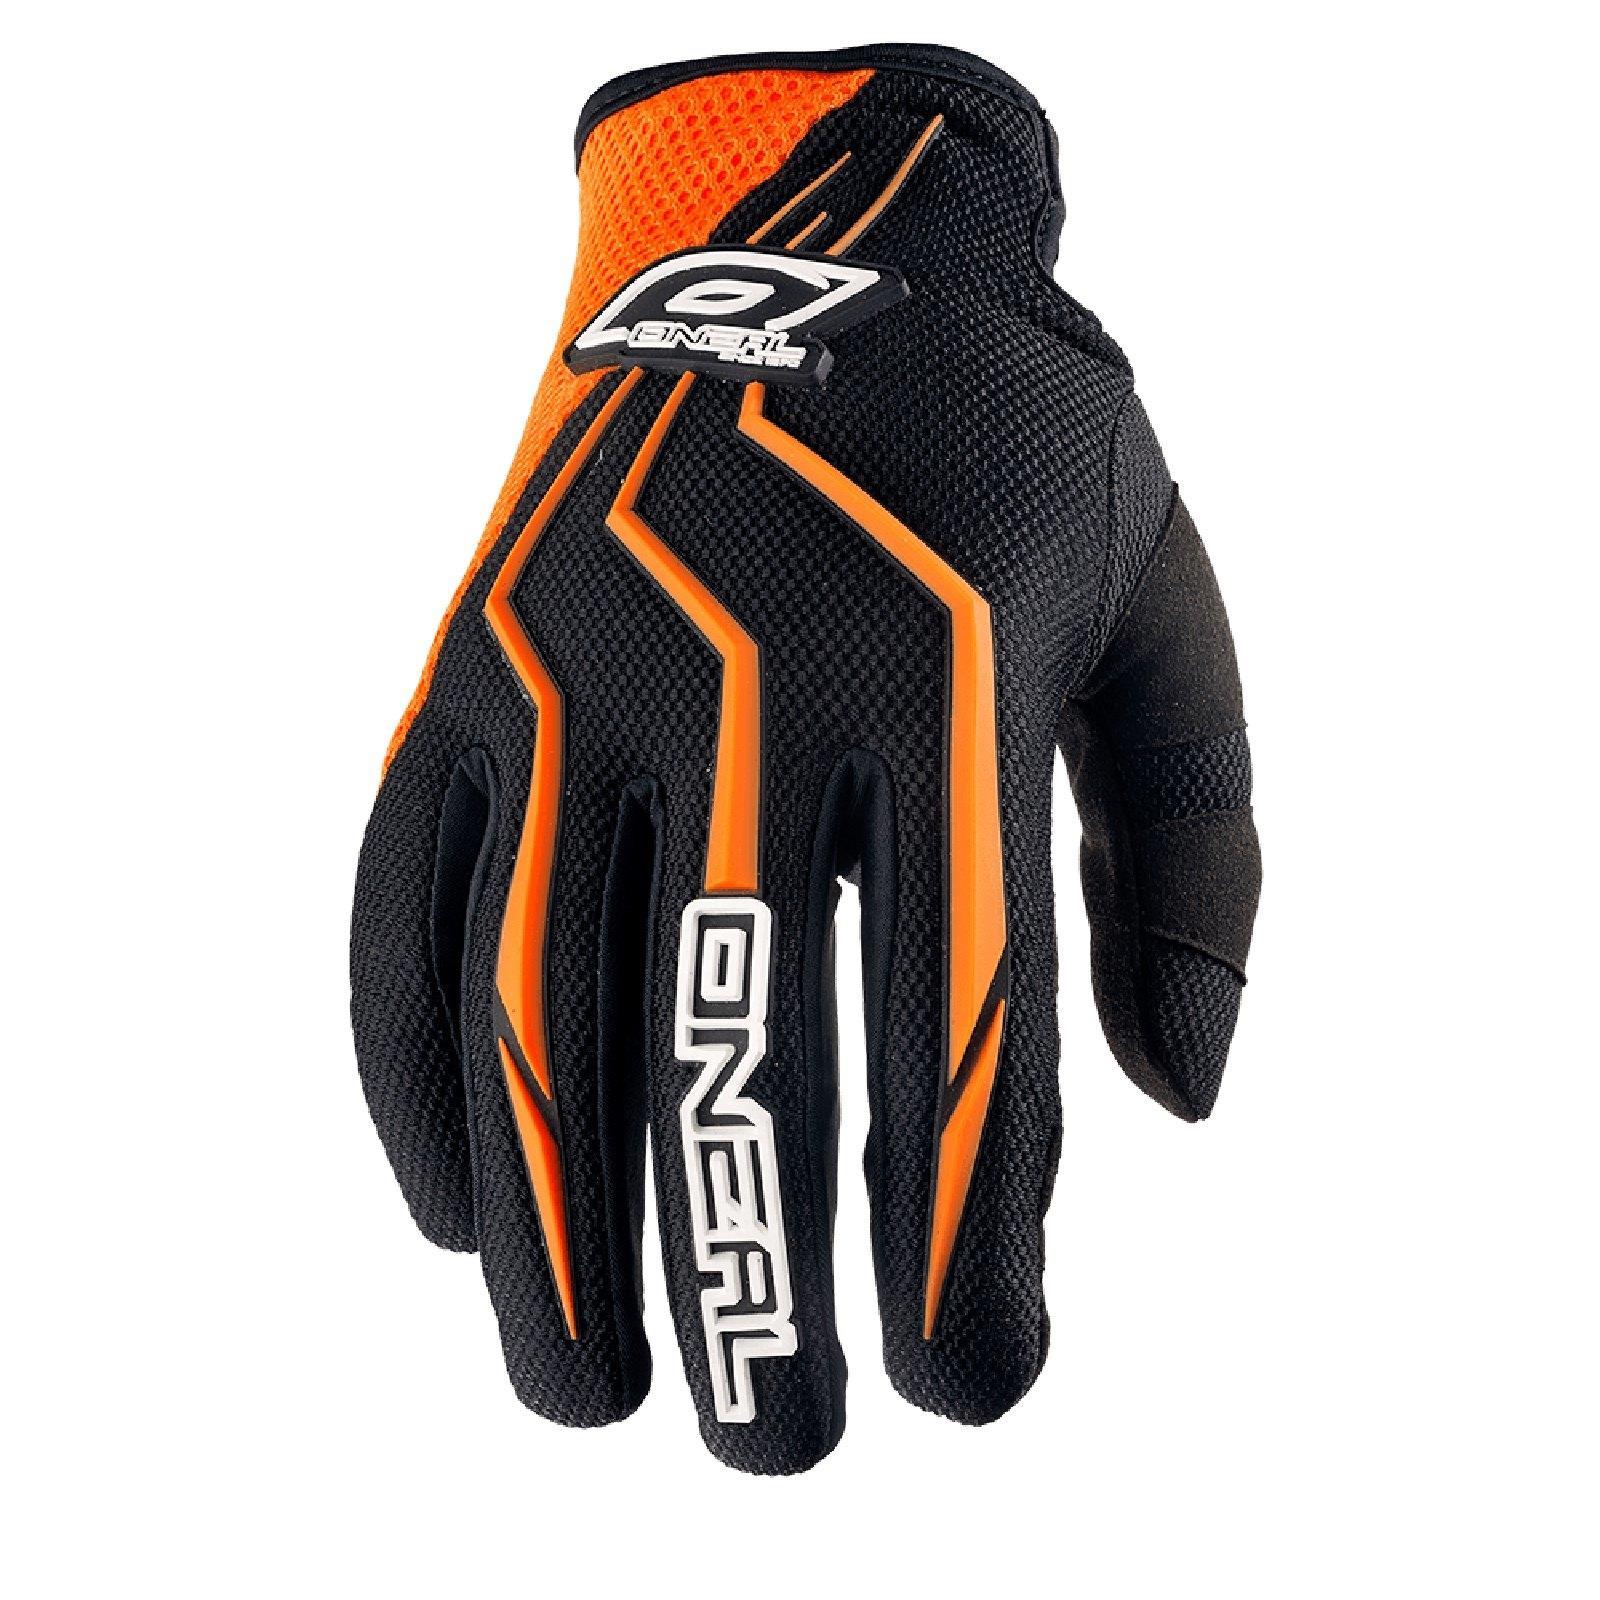 Oneal-elemento-MX-guantes-motocross-SX-enduro-Cross-moto-todo-terreno-todoterreno miniatura 12